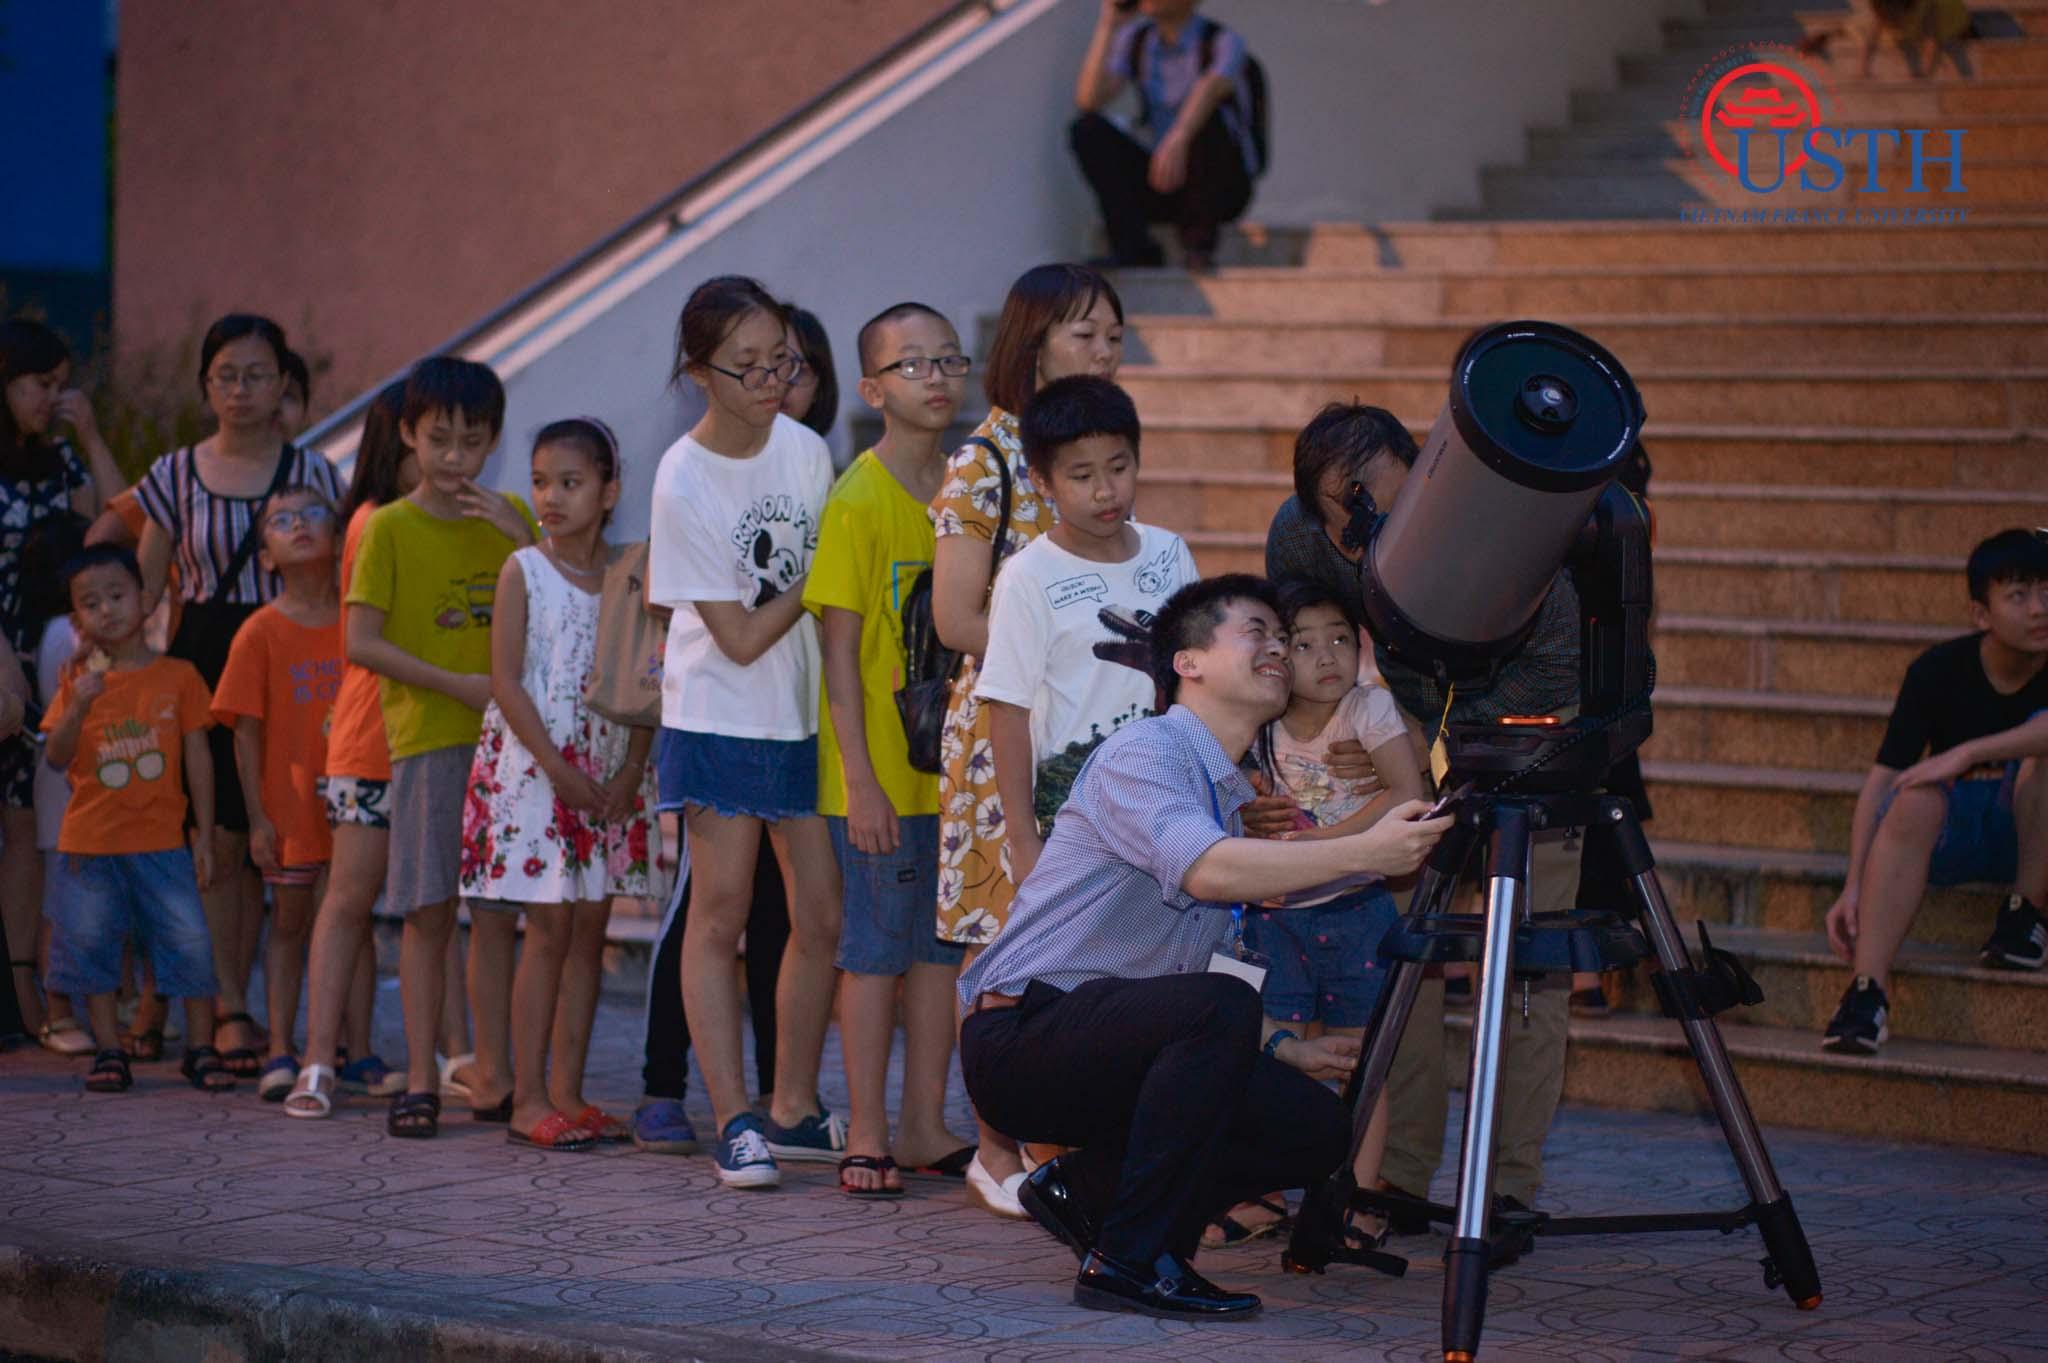 Các em nhỏ quan sát hiện tượng nhật thức trong Ngày hội vũ trụ 2019. Ảnh:Khánh Minh